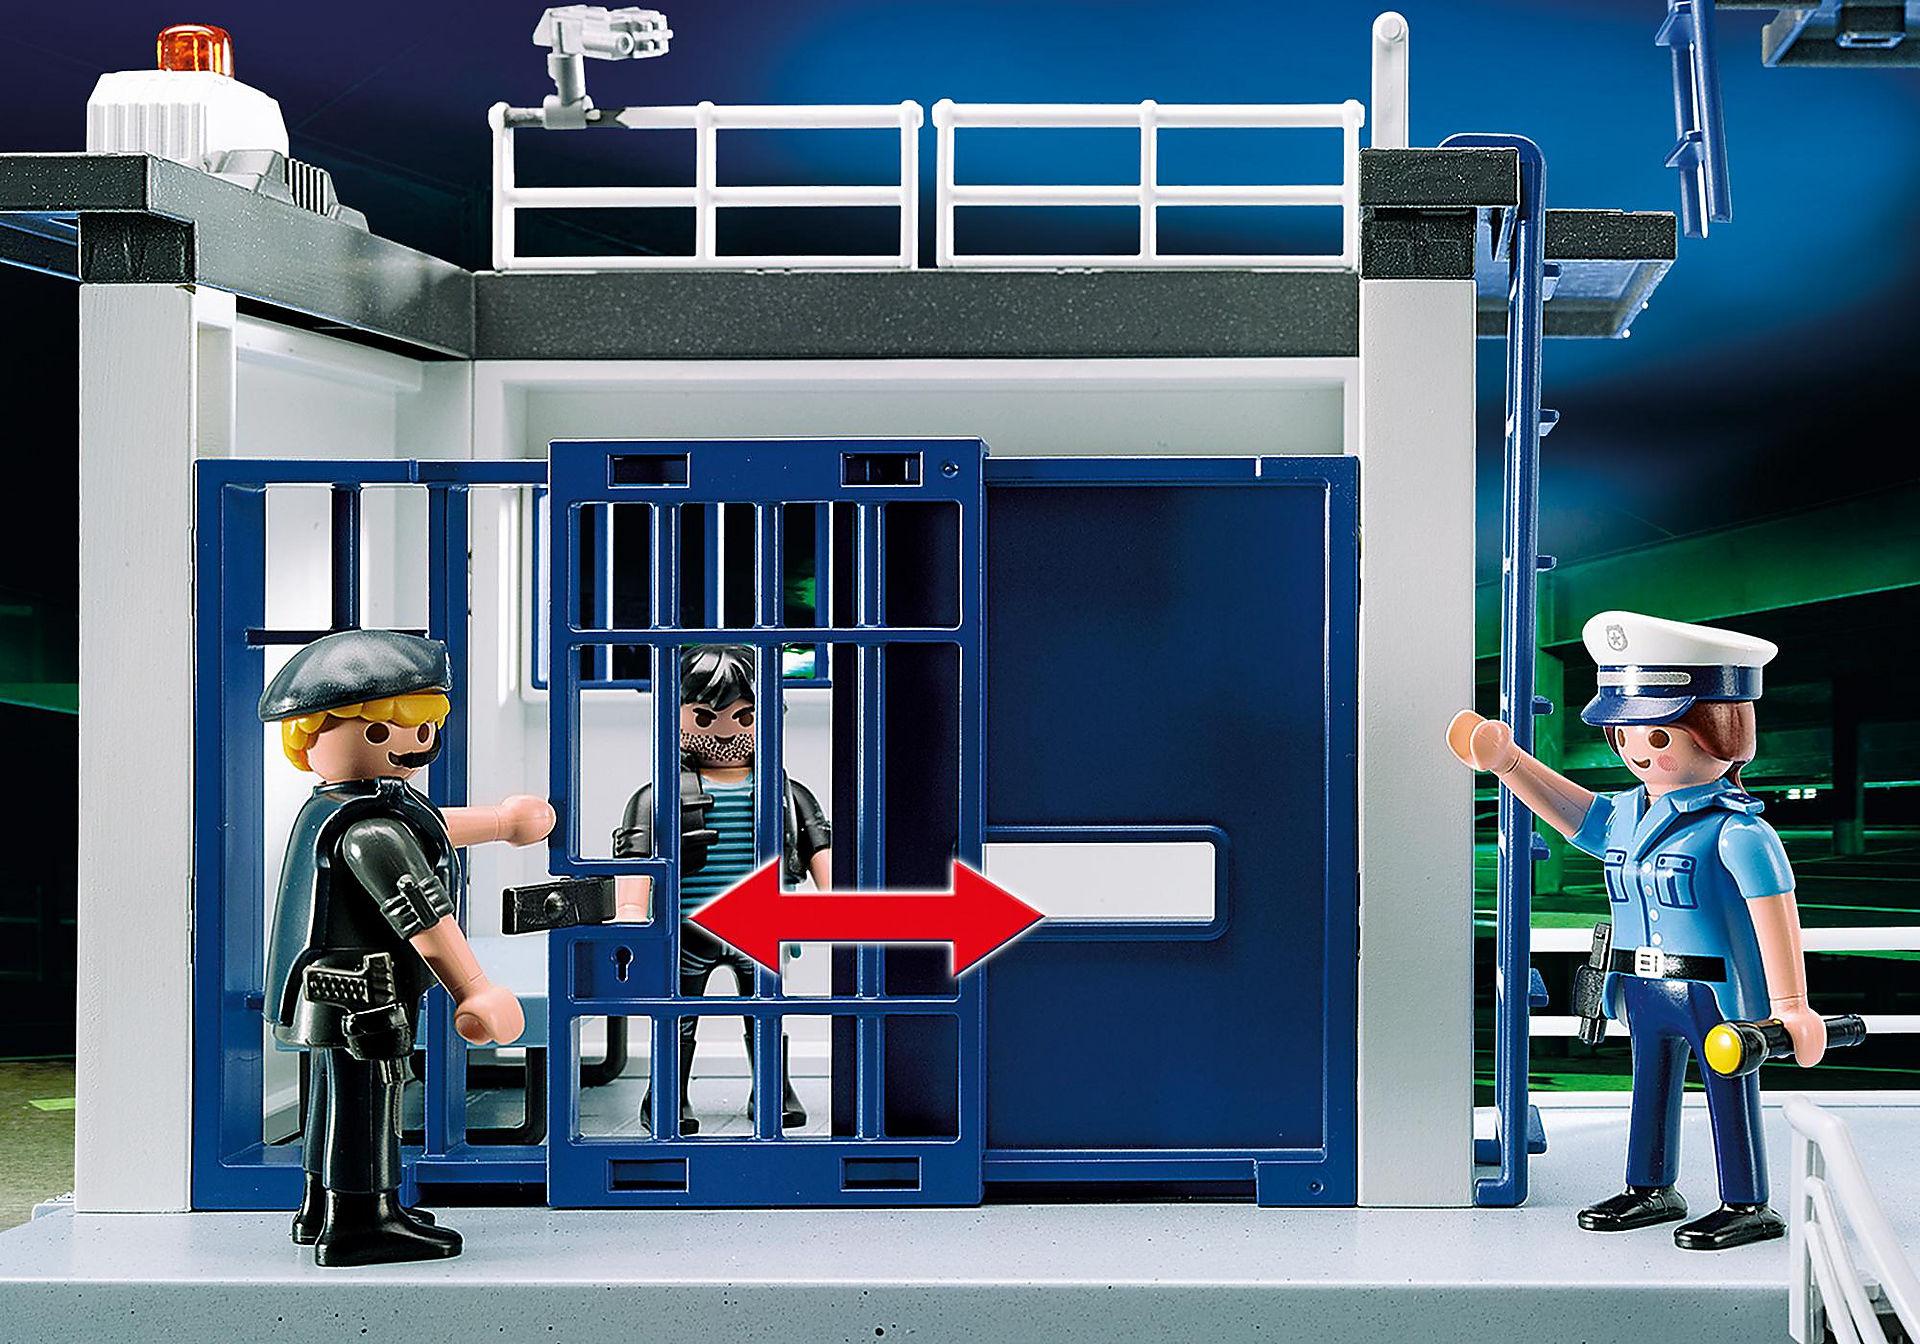 5176 Polizei-Kommandostation mit Alarmanlage zoom image6